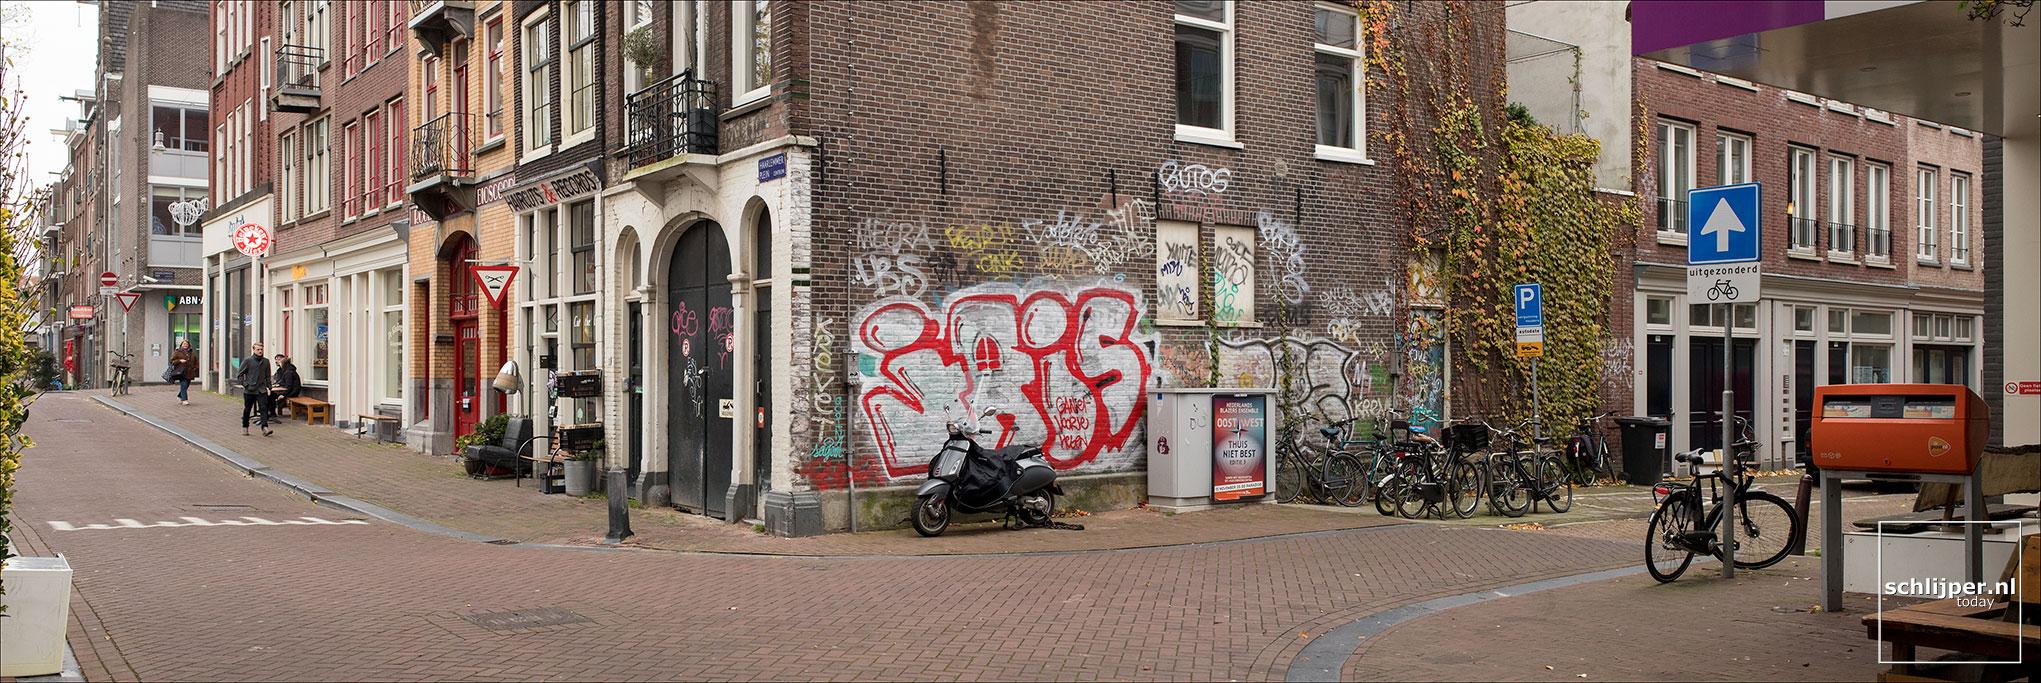 Nederland, Amsterdam, 14 november 2017